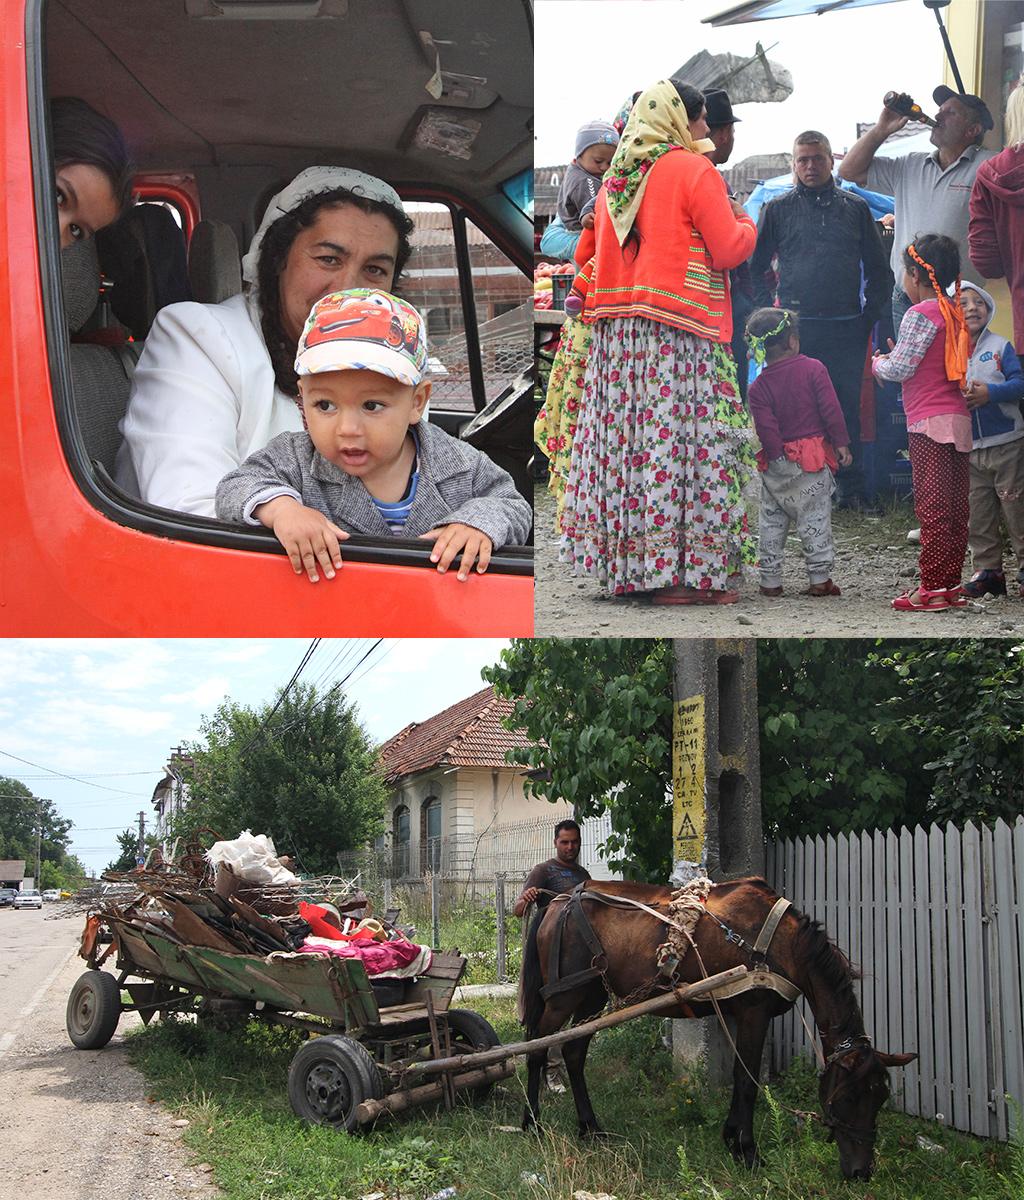 Roma onderweg met hun handel